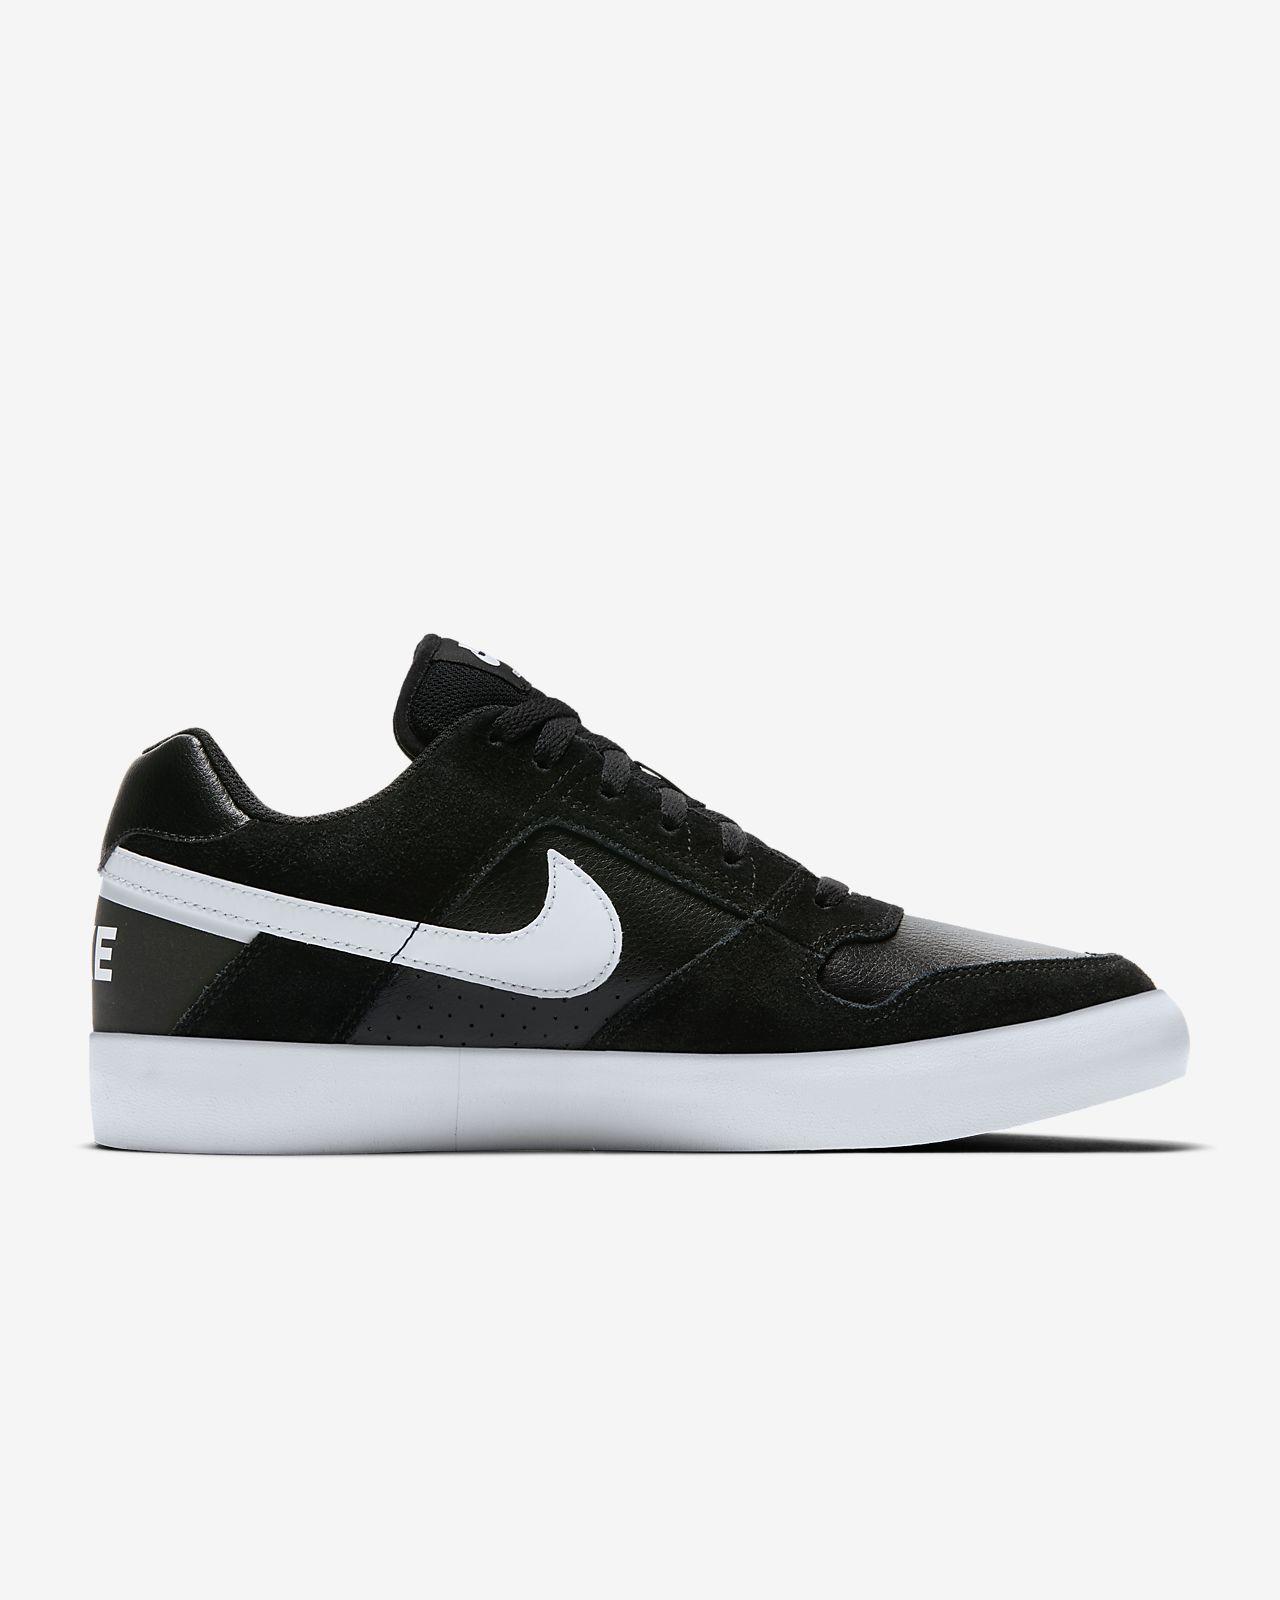 Nike SB Delta Force Vulc Skateboarding Sneakers BlackWhiteAnthracite White